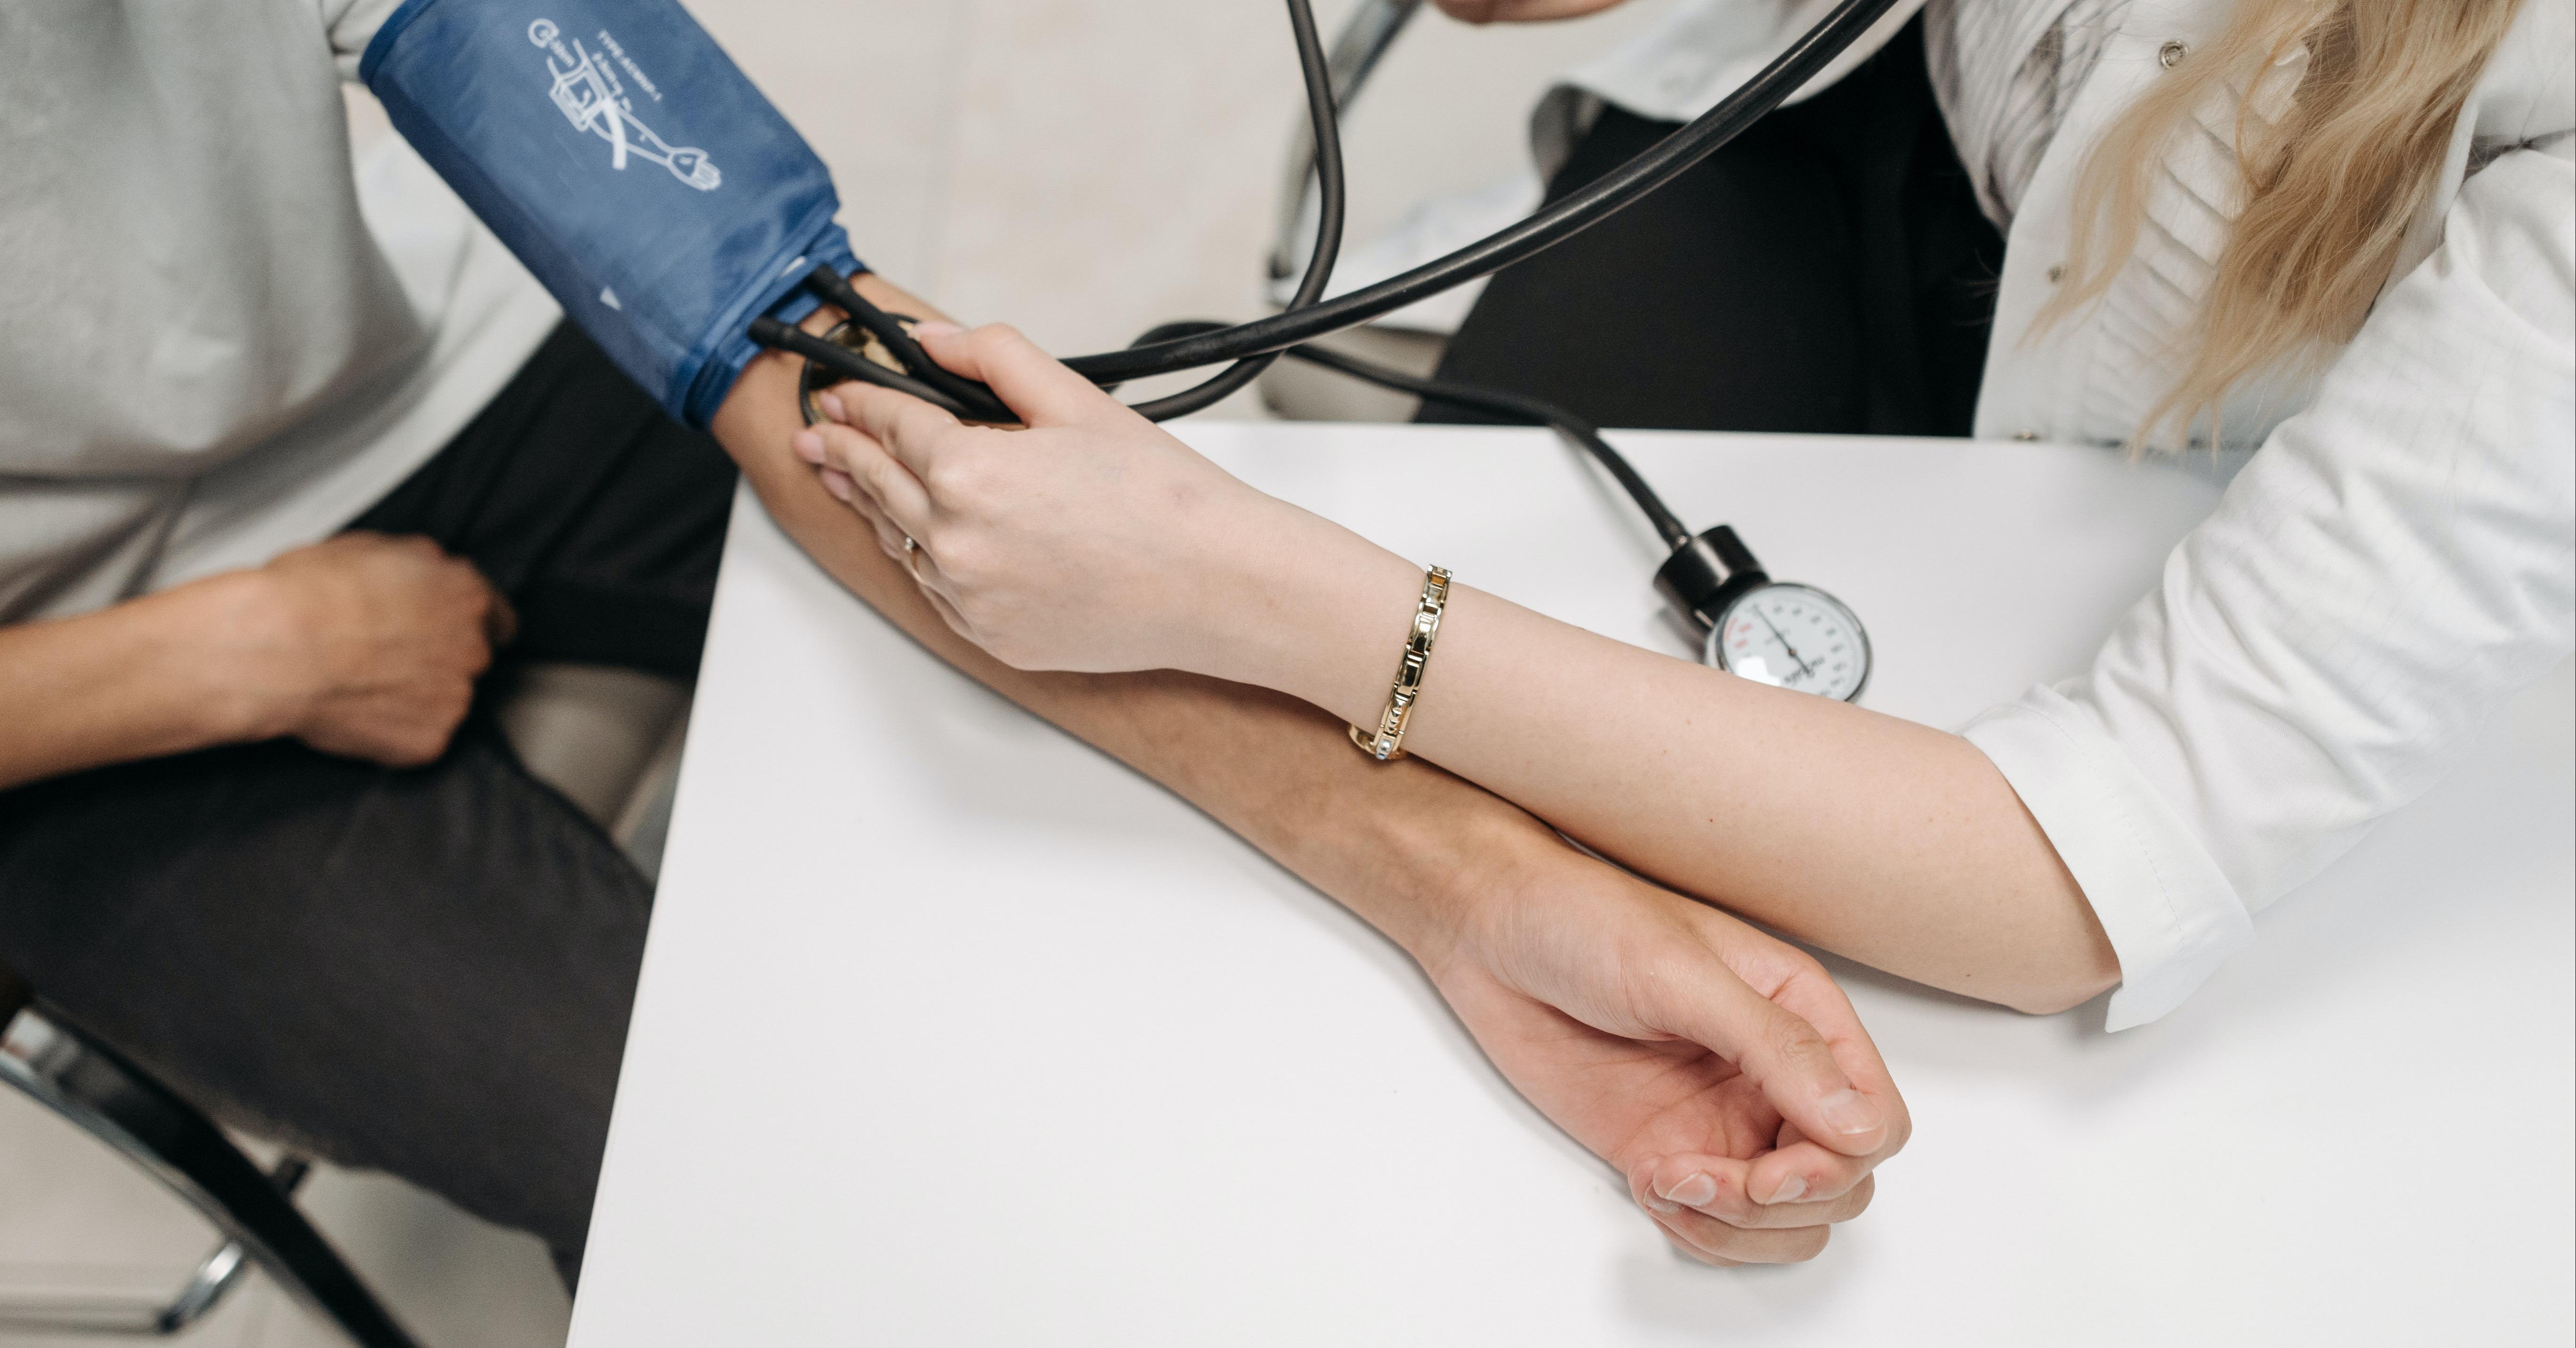 reglarea-tensiunii-arteriale-remedii-naturale-eumed